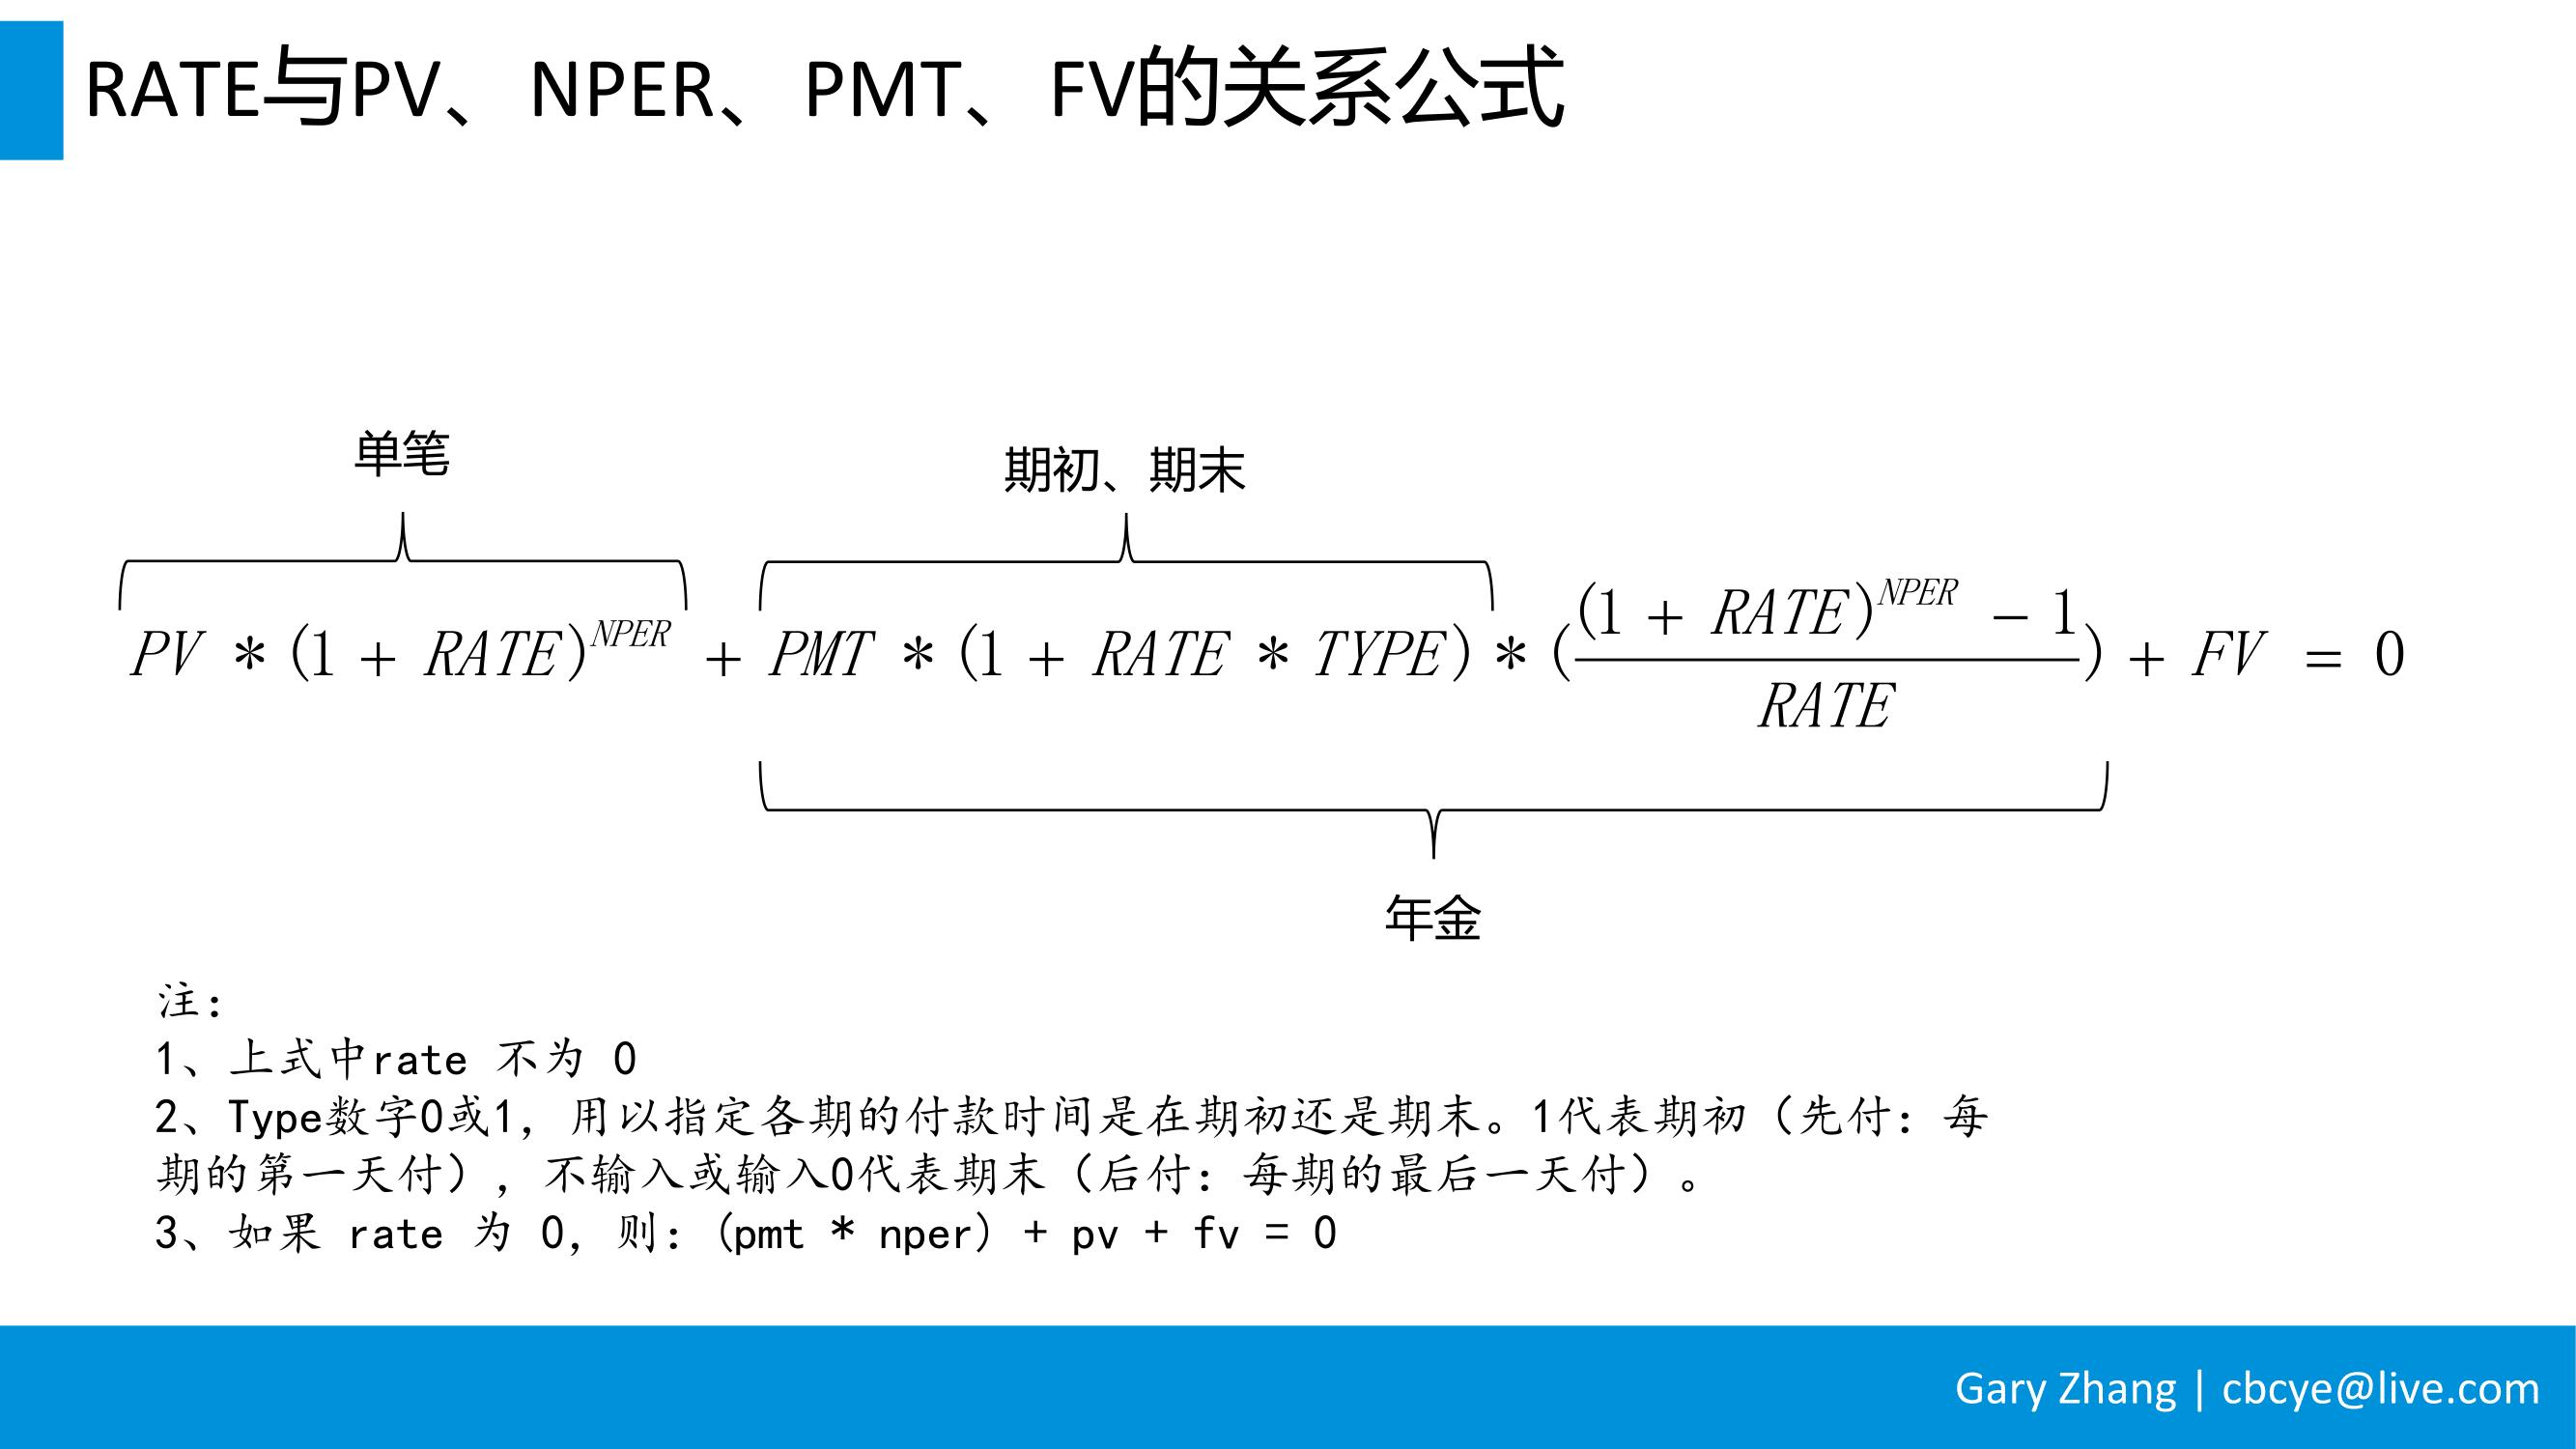 消费金融业务全流程指南_v1.0-067